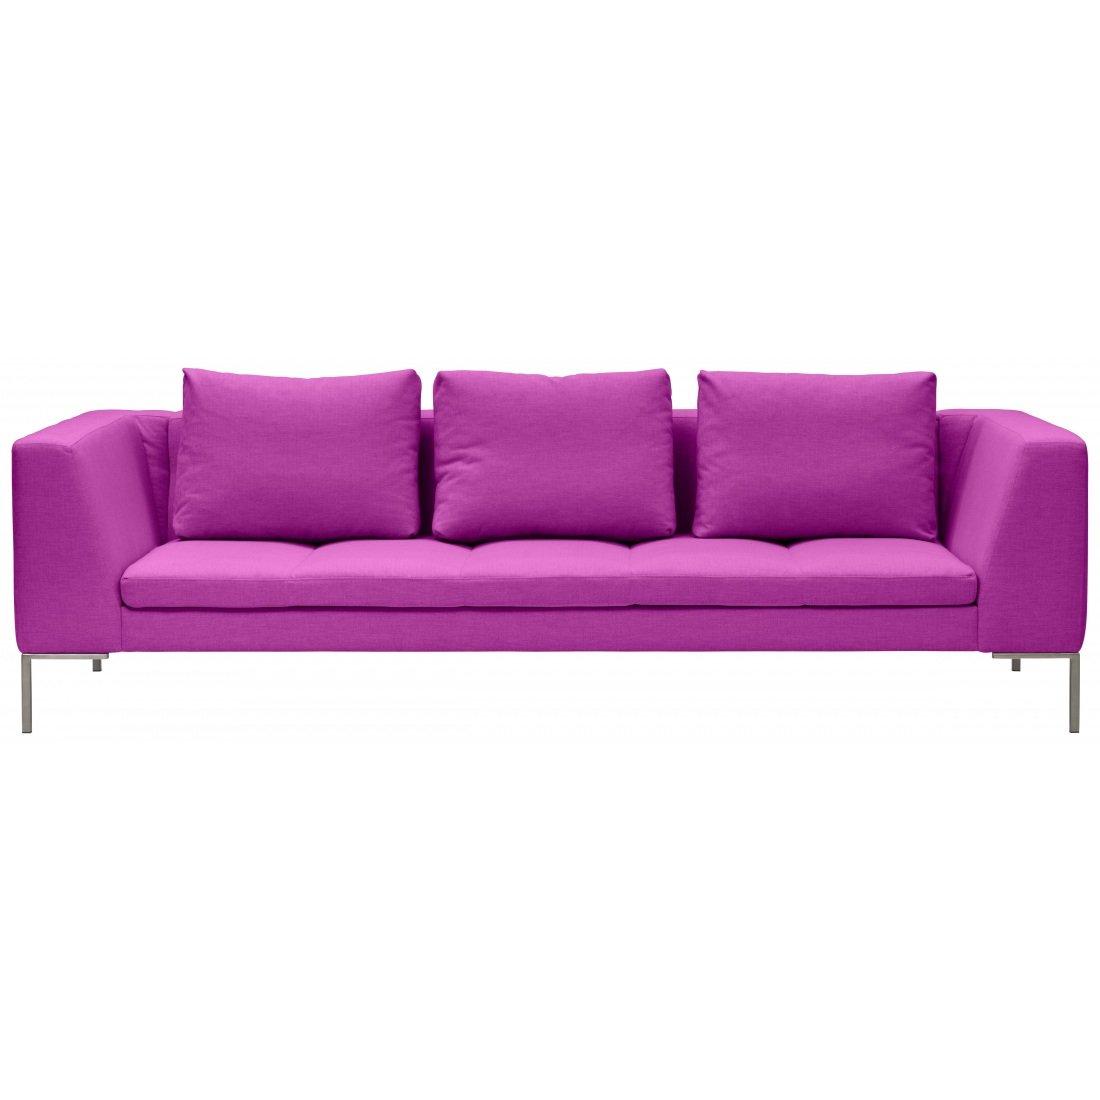 3-Sitzer Sofa Pink Designer Couch Sofa online bestellen